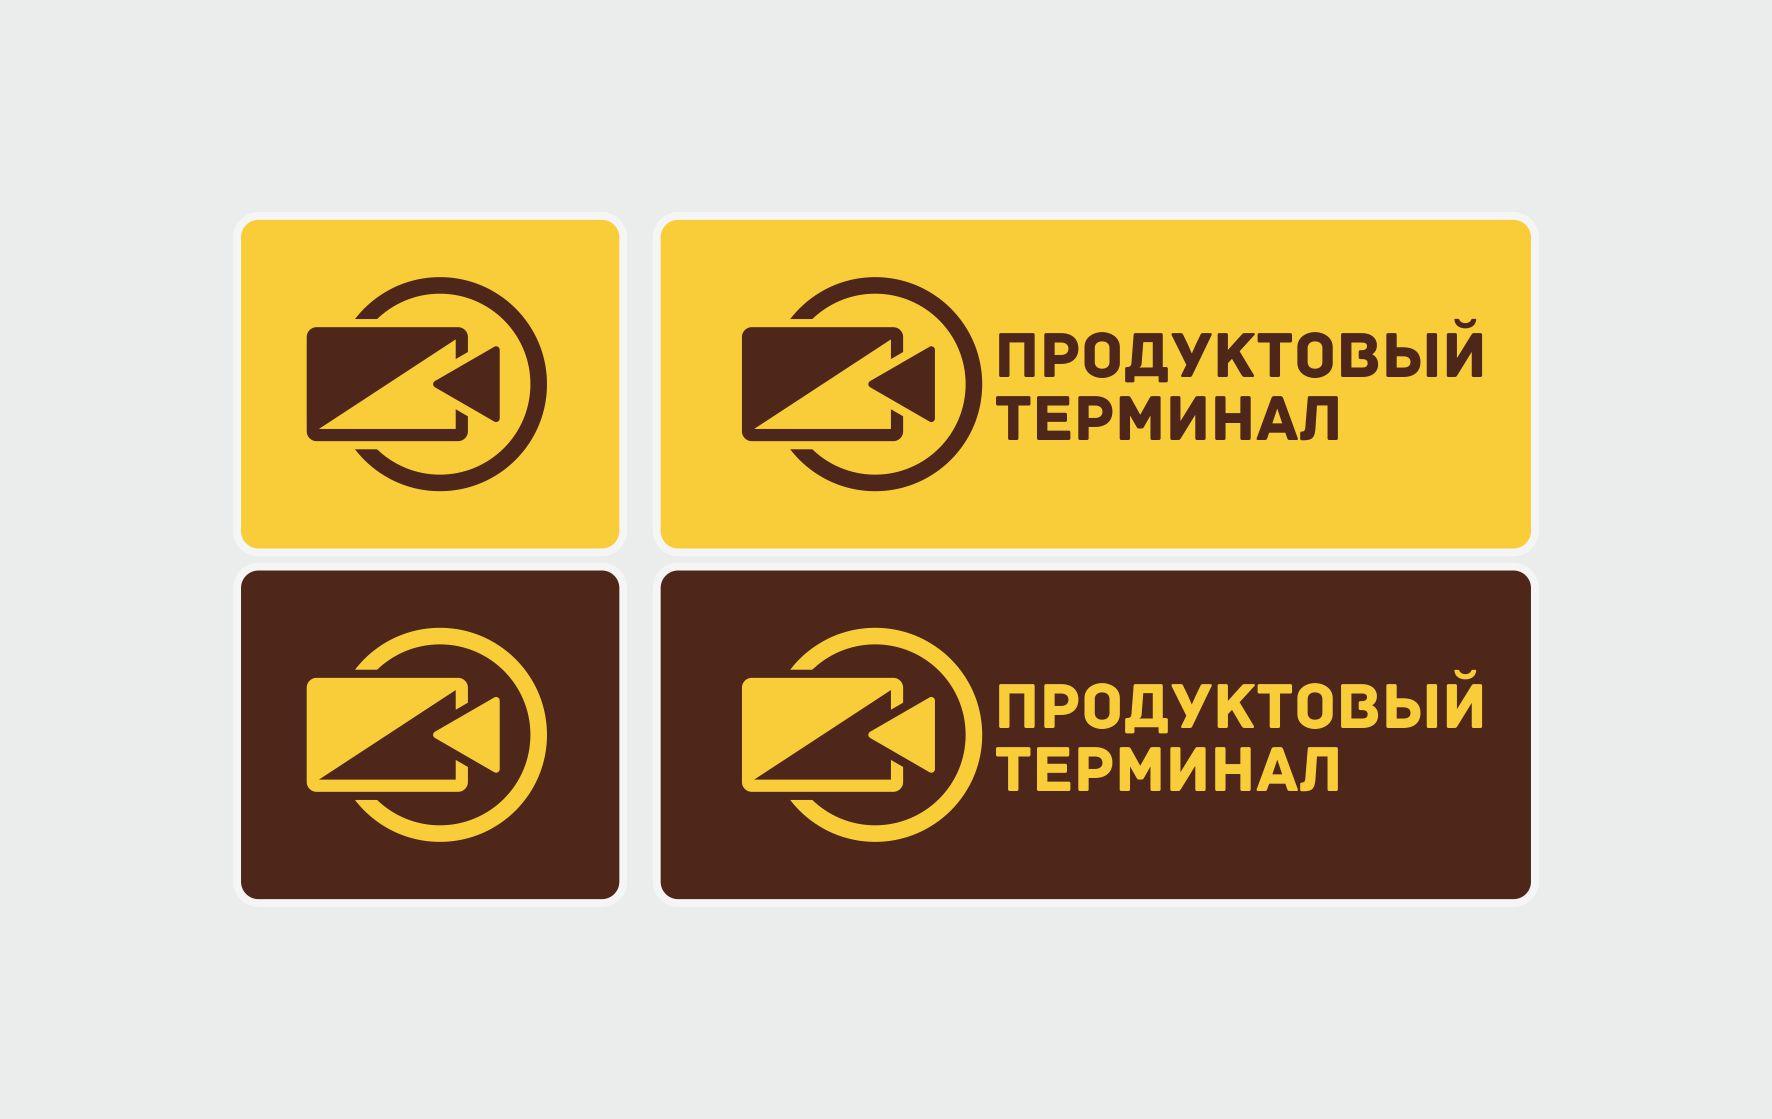 Логотип для сети продуктовых магазинов фото f_17956f94372e4fdd.jpg